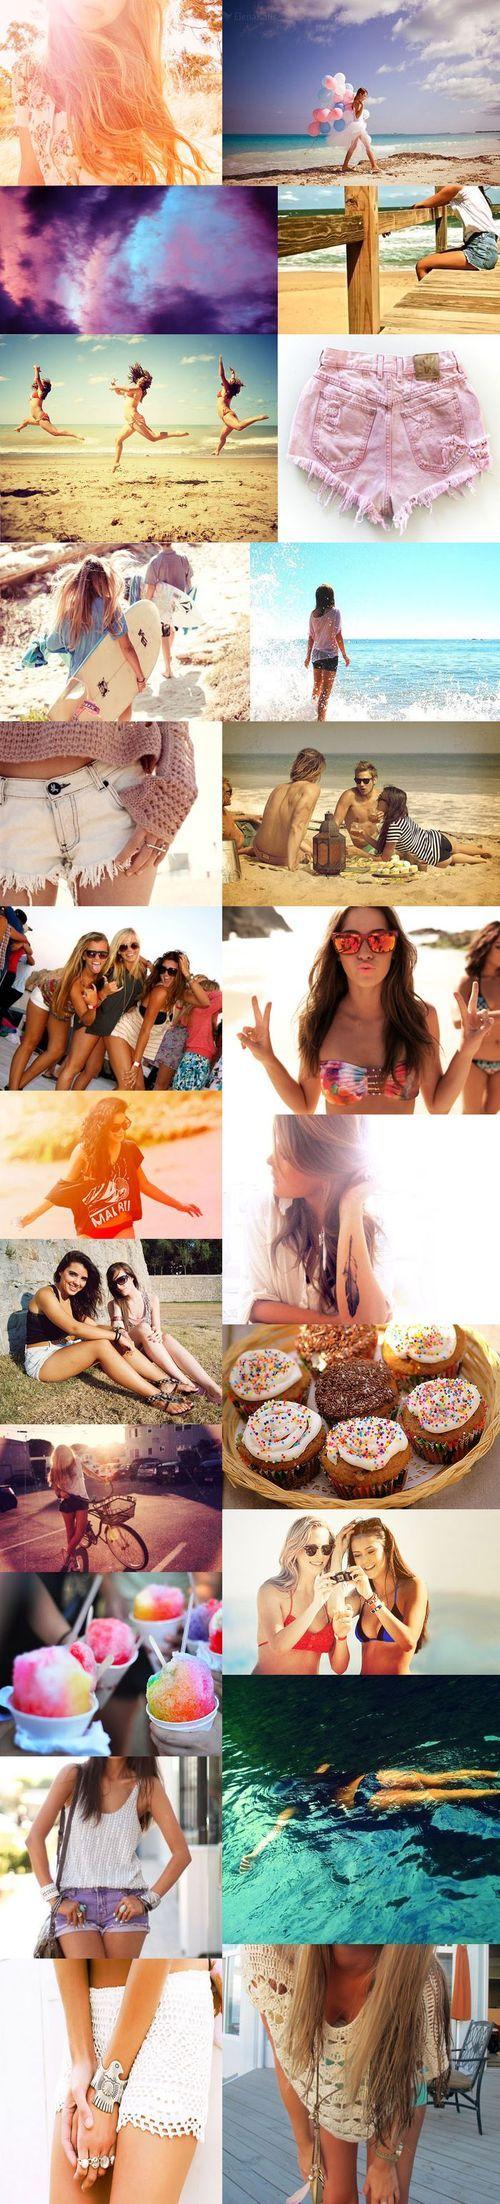 summer perfection: Summertimee 3, Sweet Summertime, Summer Perfection, Summer Lovin, Beach, Friend, Photography, Summer Time